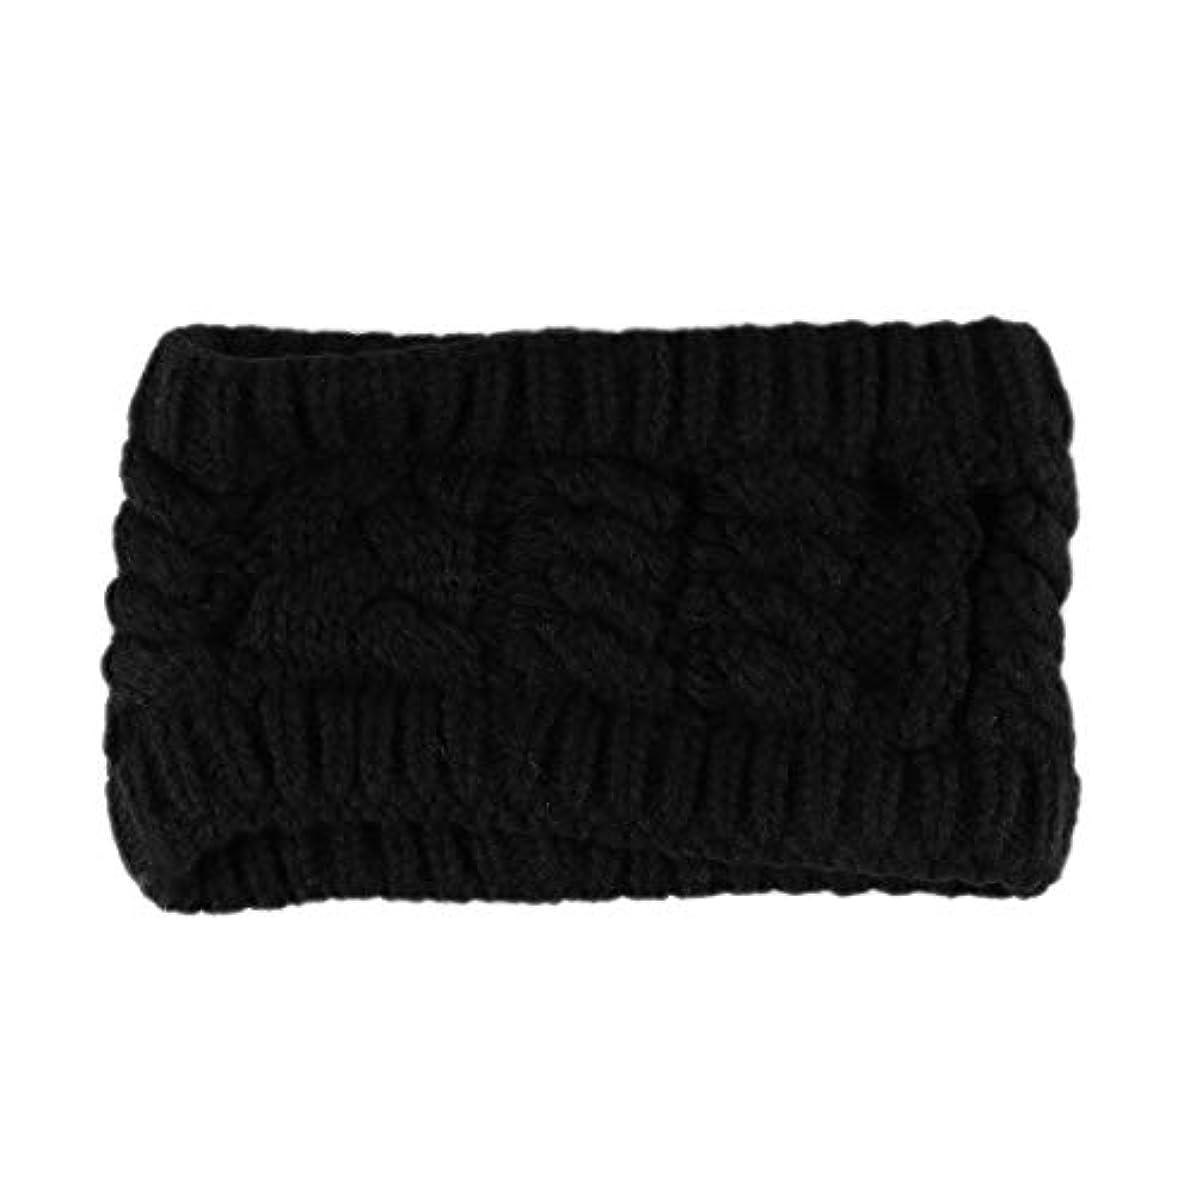 ラリー娘蒸留手作りの編み織りの髪のバンドヘッドバンド女性と女の子のためのヘアアクセサリー(ブラック)